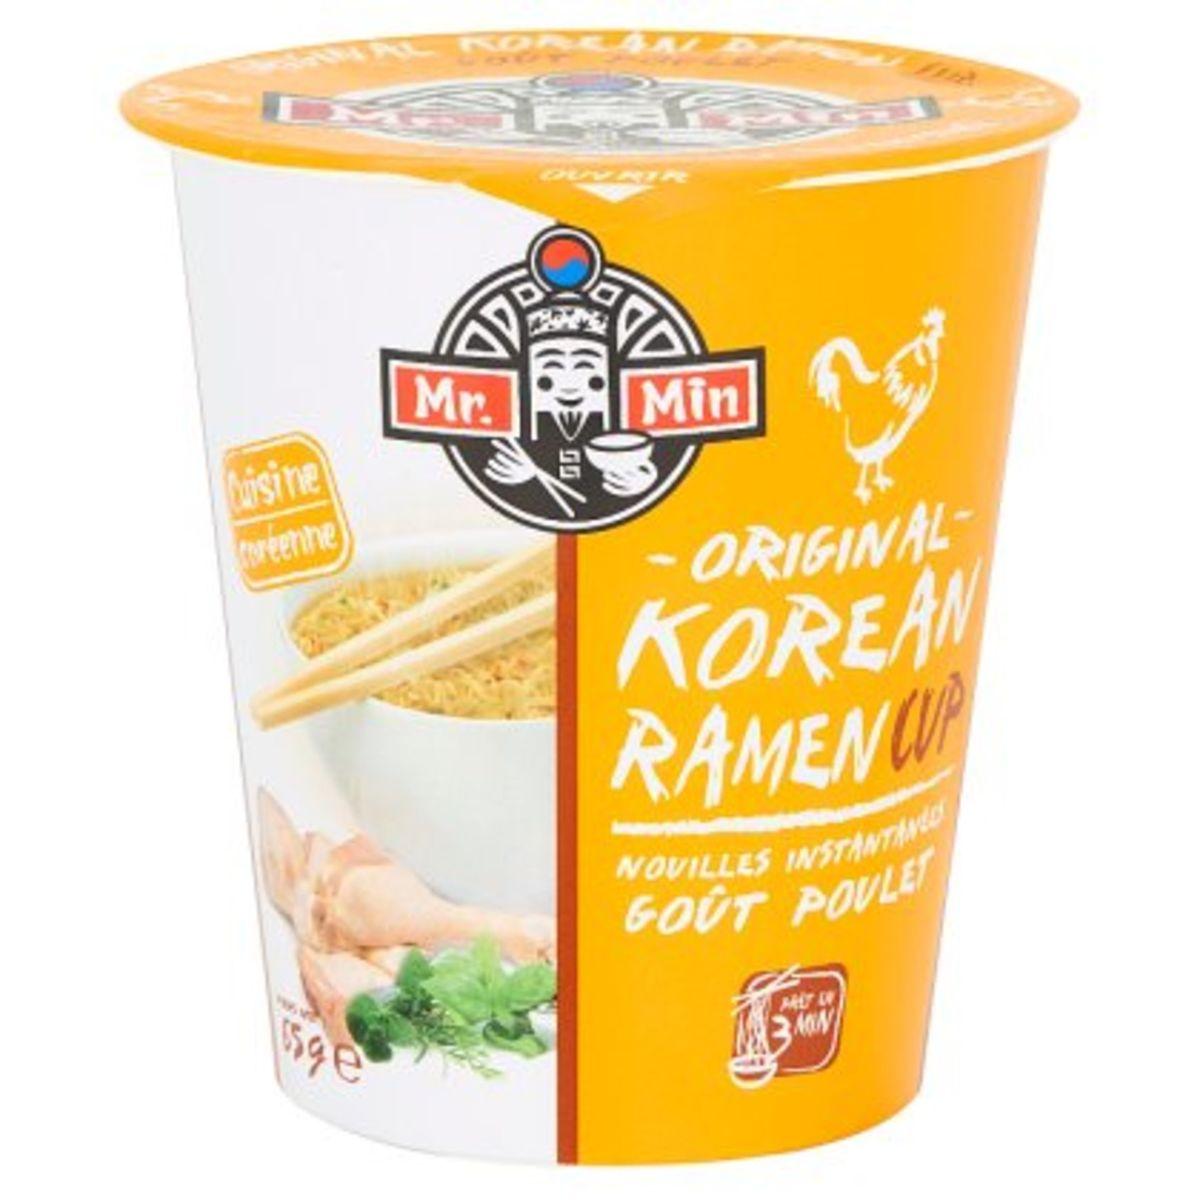 Mr. Min Original Korean Ramen Cup Noodles Instant Kip 65 g